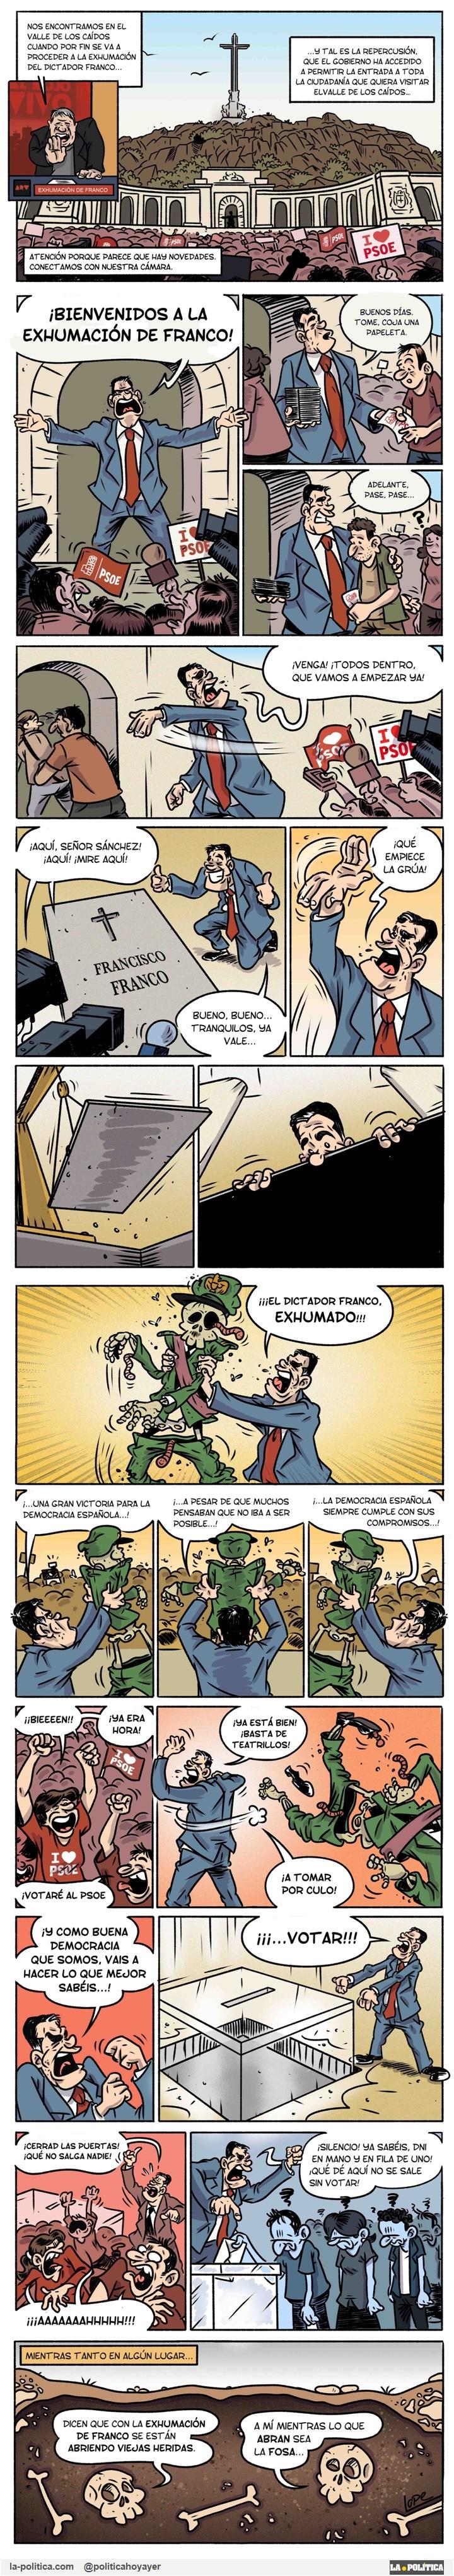 (Tira de Lope) - Nos encontramos en el Valle de los Caídos cuando por fin se va a proceder a la exhumación del dictador Franco... - ...Y tal es la repercusión que el Gobierno ha accedido a permitir la entrada a toda la ciudadanía que quiera visitar el Valle de los Caídos... CARTEL: I LOVE PSOE. PSOE. - Atención porque parece que hay novedades. Conectamos con nuestra cámara. - ¡Bienvenidos a la Exhumación de Franco! Buenos días. Tome. Coja una papeleta. Adelante. Pase. Pase... ¡Venga! ¡Todos dentro, que vamos a empezar ya! - ¡Aquí, señor Sánchez! ¡Aquí! ¡Mire aquí! - bueno, bueno... Tranquilos, ya vale... -¡Qué empiece la Grúa! - ¡¡¡El dictador Franco, EXHUMADO!!! ¡...Una gran victoria para la democracia española...! ¡...A pesar de que muchos pensaban que no iba a ser posible...! ¡...La democracia española siempre cumple con sus compromisos...! - ¡¡Bien!! ¡Ya era hora! - ¡Votaré al PSOE! - ¡Ya está bien! ¿Basta de teatrillos! ¡A tomar por culo! ¡Y como buena democracia que somos, vais a hacer lo que mejor sabéis...! ¡¡¡VOTAR!!! ¡Cerrad las puertas! ¡Qué no salga nadie! ¡Silencio! Ya sabéis, DNI en mano y en fila de uno! ¡Qué de aquí no se sale sin votoar! -MIENTRAS TANTO EN ALGÚN LUGAR - Dicen que con la exhumación de Franco se están abriendo viejas heridas. - A mí mientras lo que abran sea la fosa...